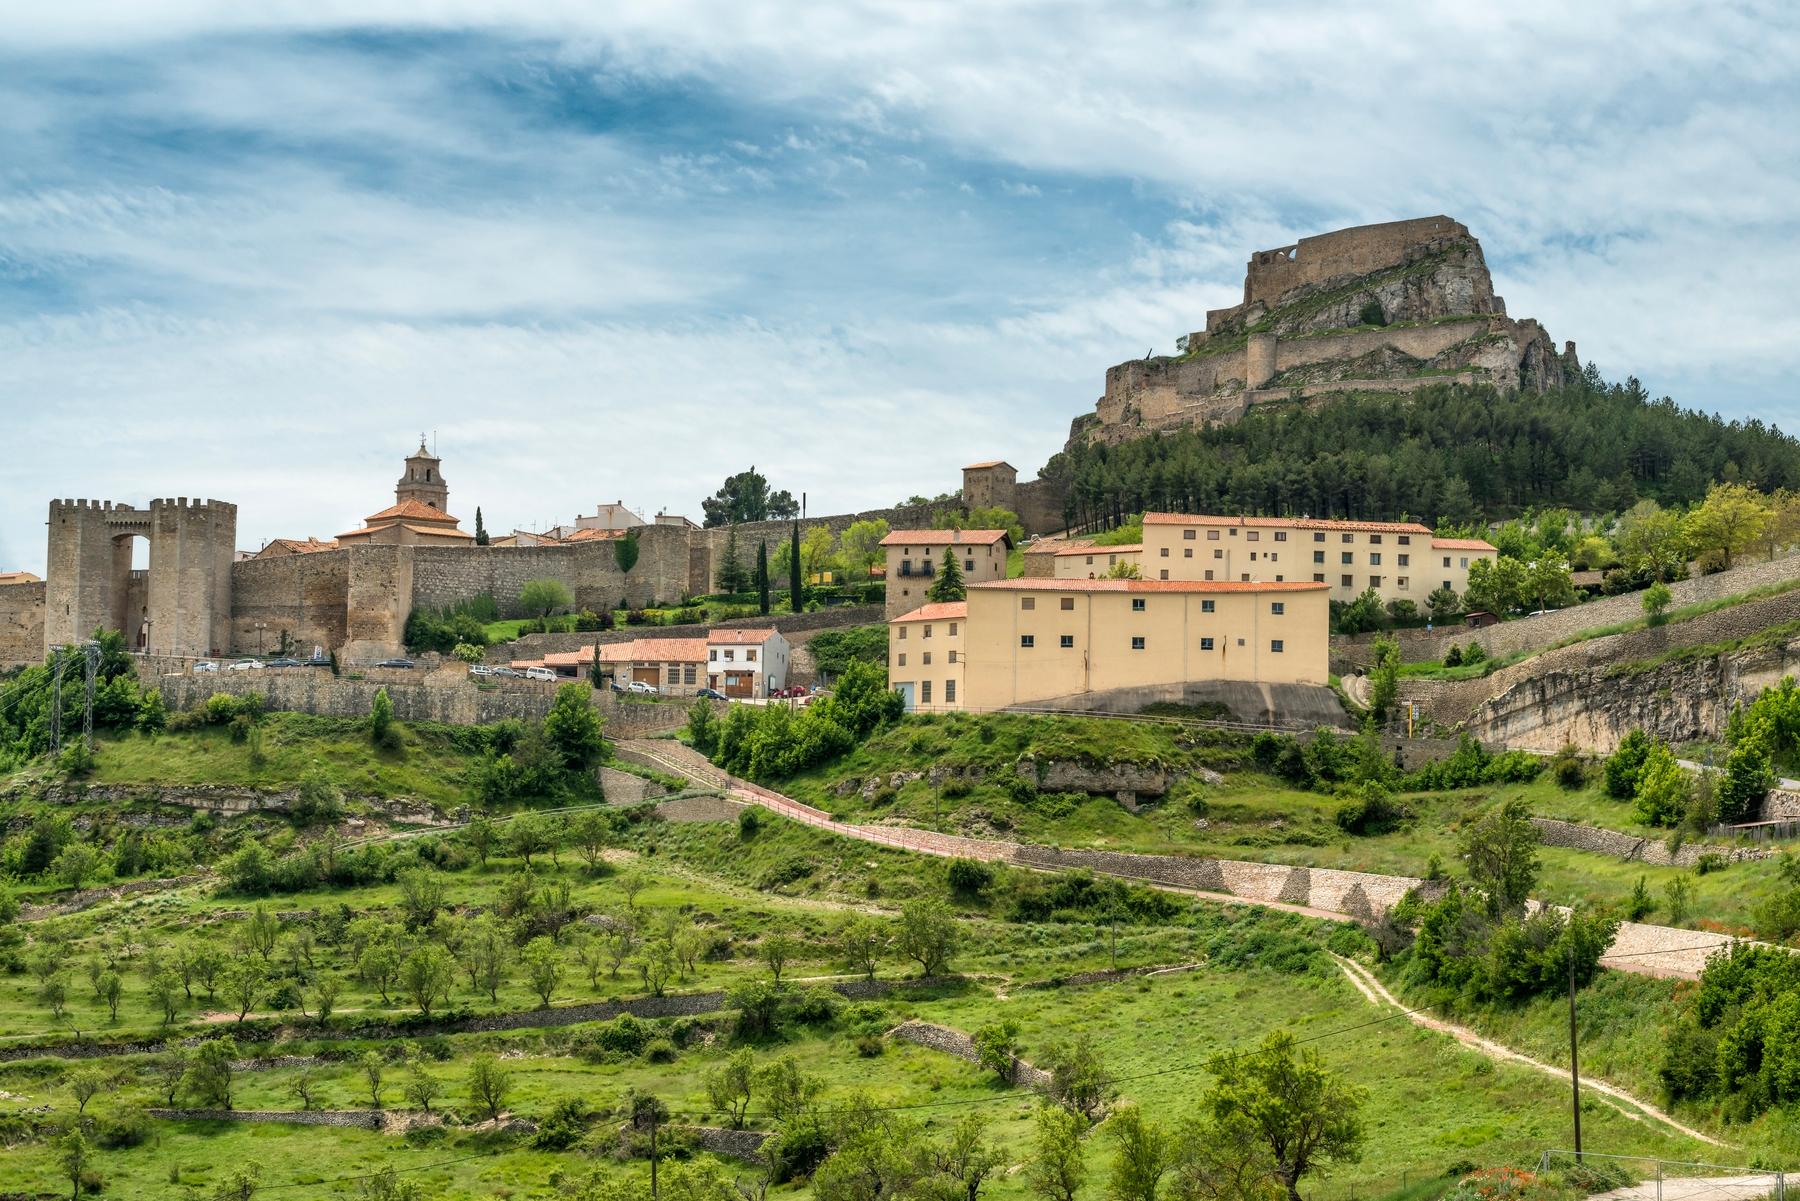 Morella, encaramada en lo alto de un cerro, es uno de los pueblos más bonitos de España